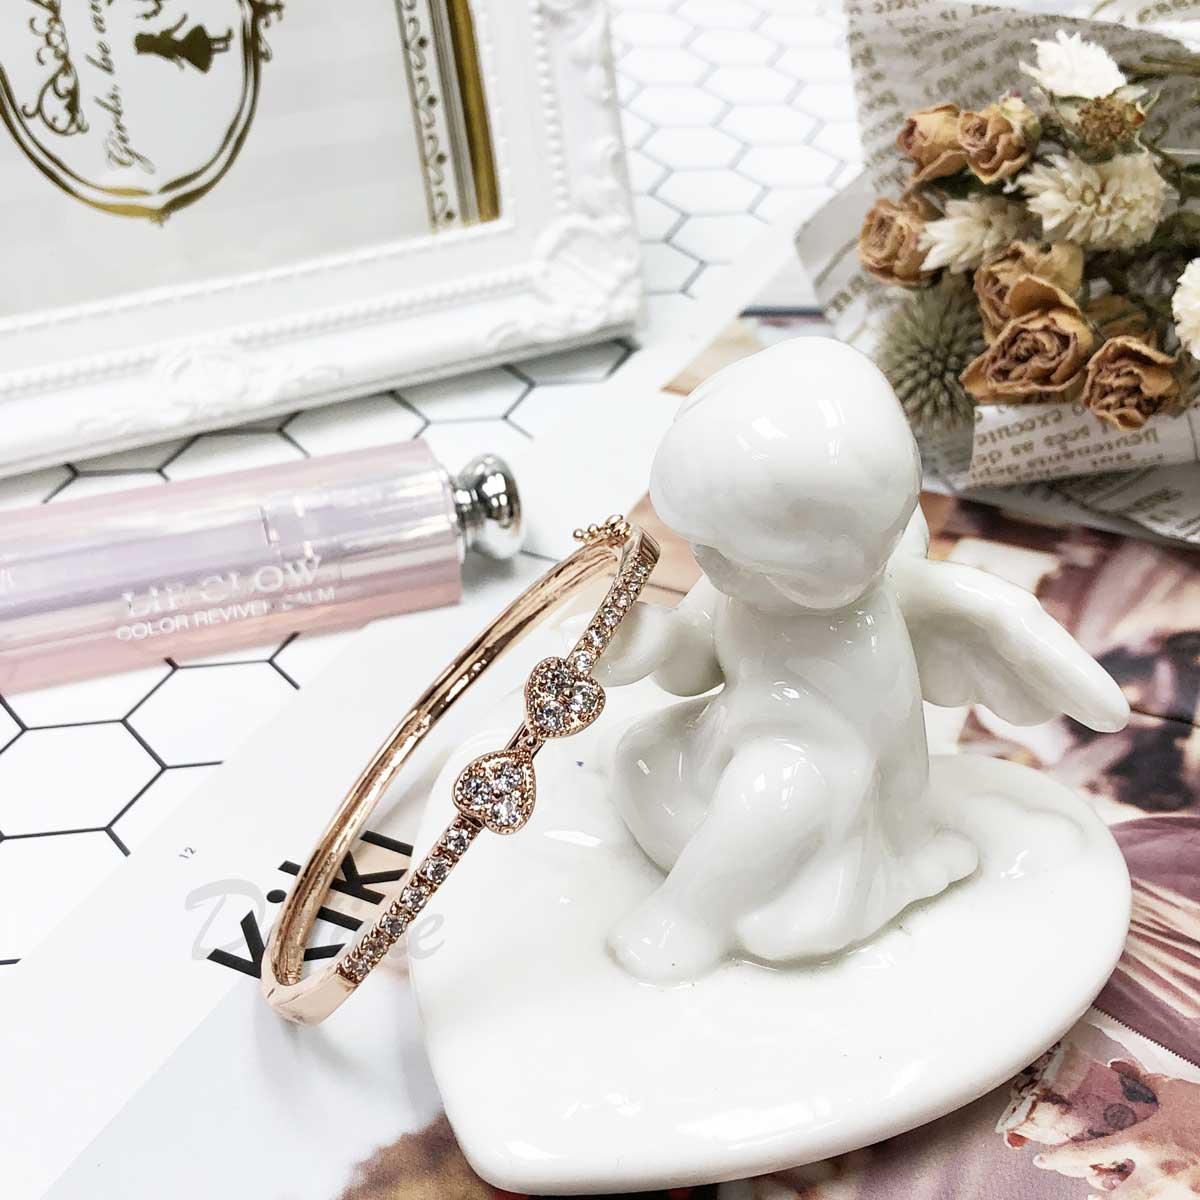 蝴蝶結 精緻 鑲鑽 優雅款 氣質款 手環 手飾